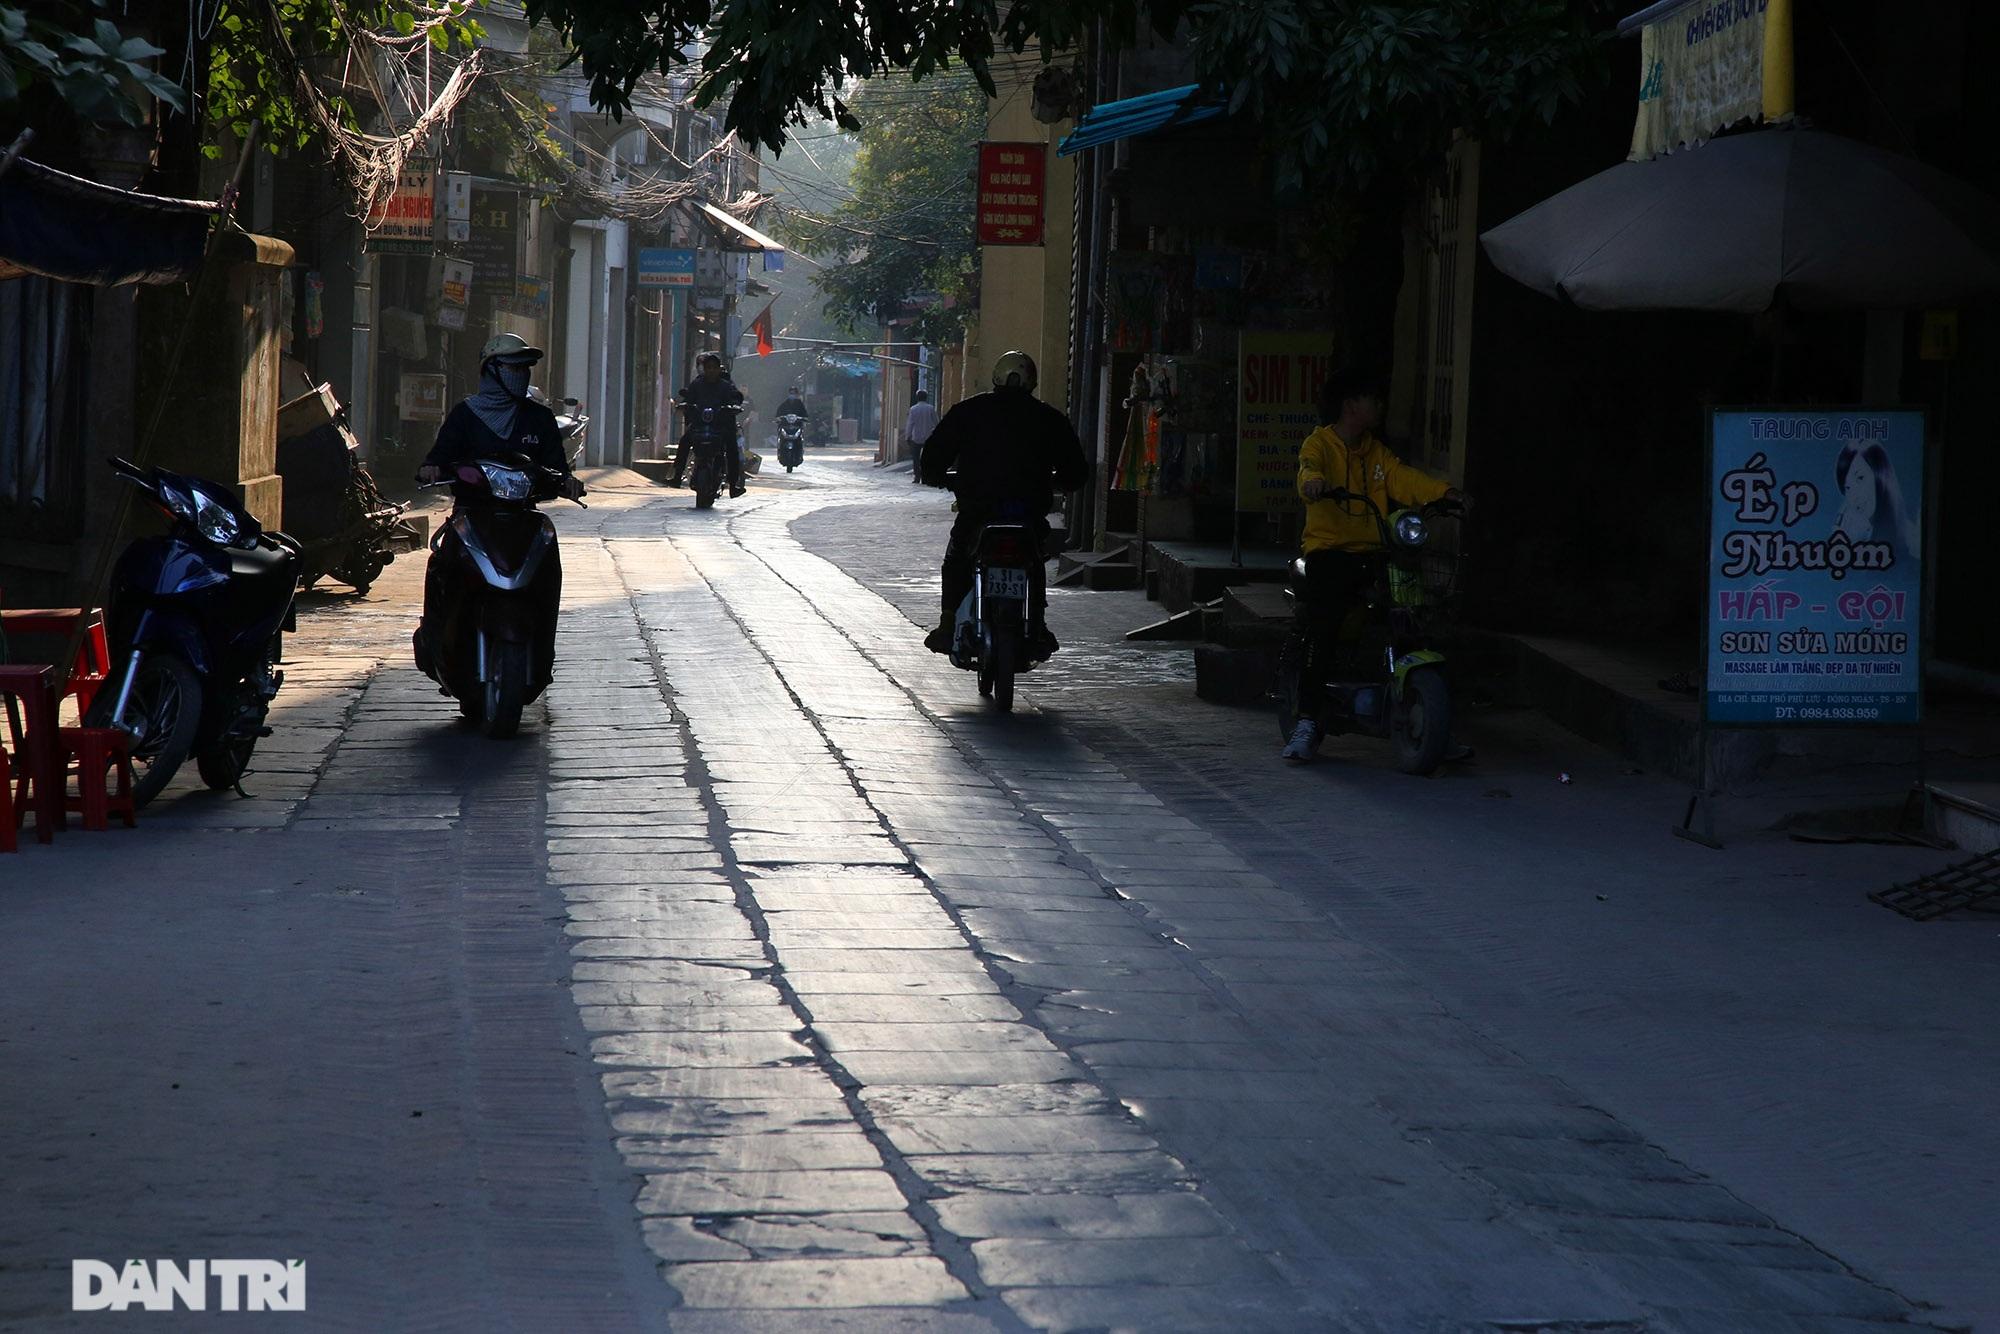 Con đường lát đá xanh vẫn bền đẹp sau gần 100 năm tại Bắc Ninh - 15